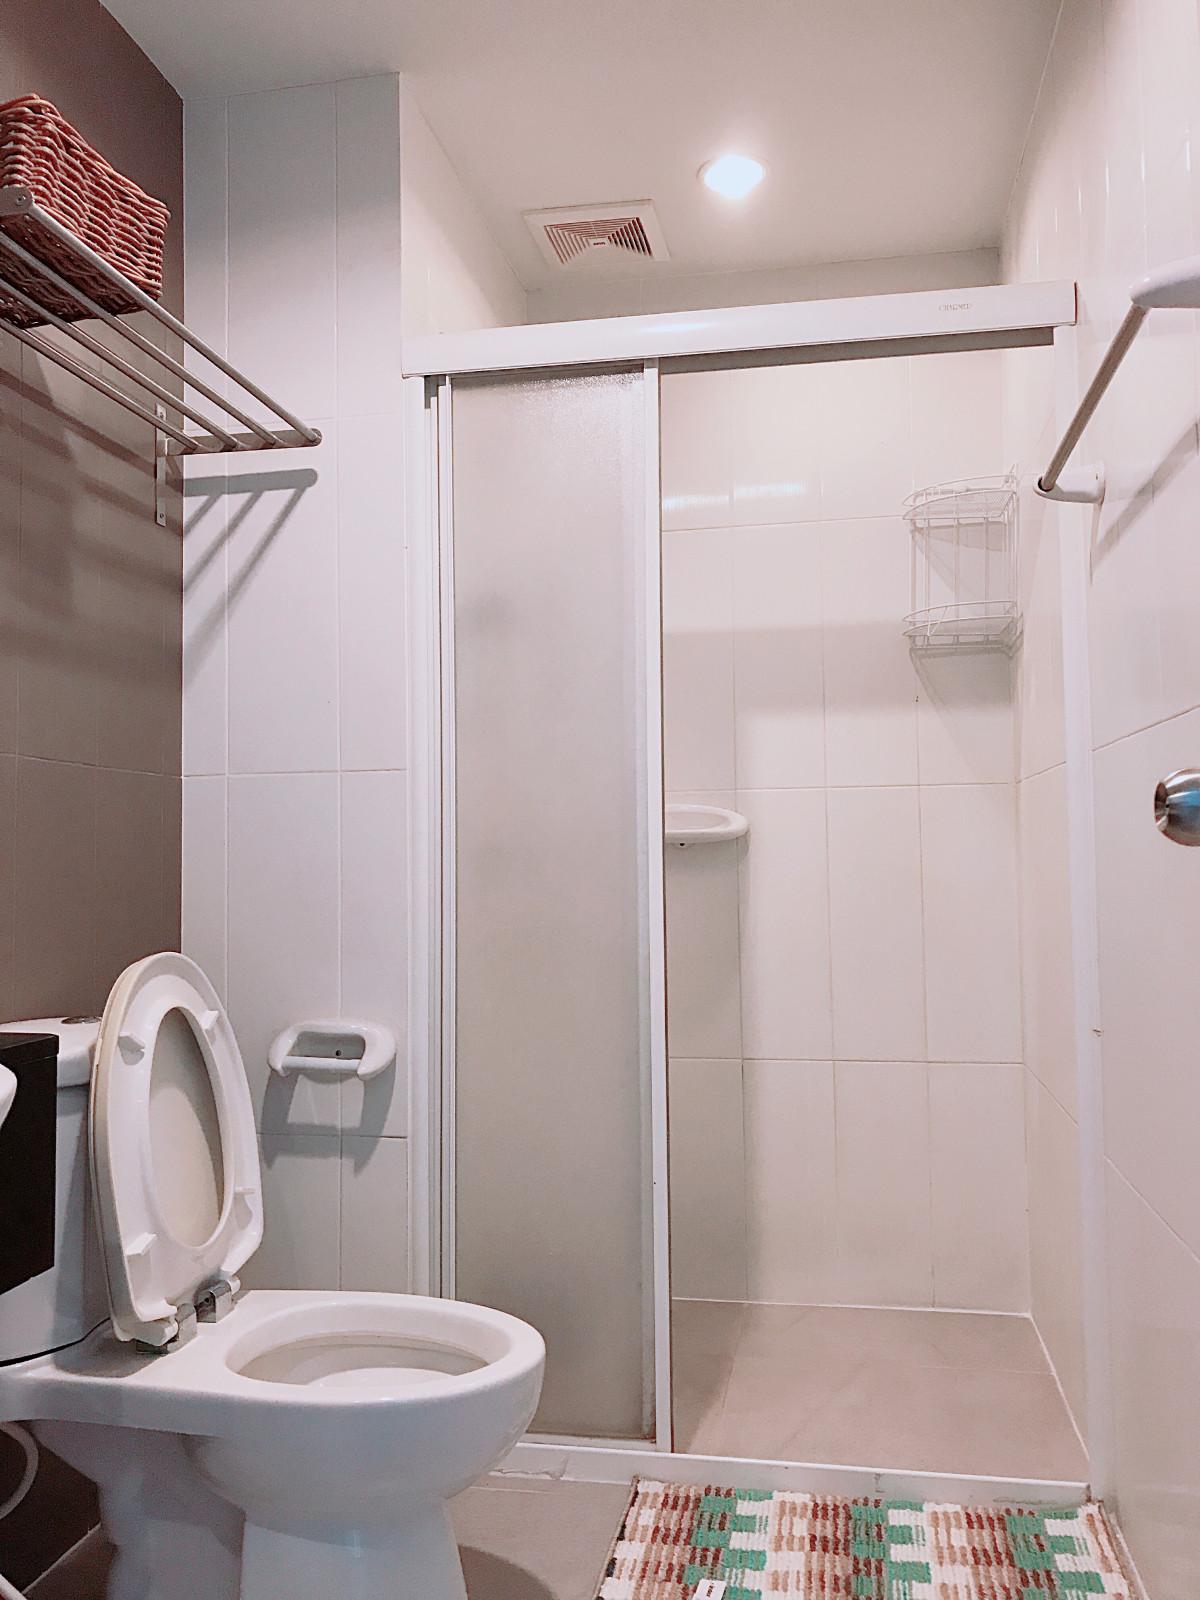 รูปของประกาศเช่าคอนโดPano ville(1 ห้องนอน)(4)